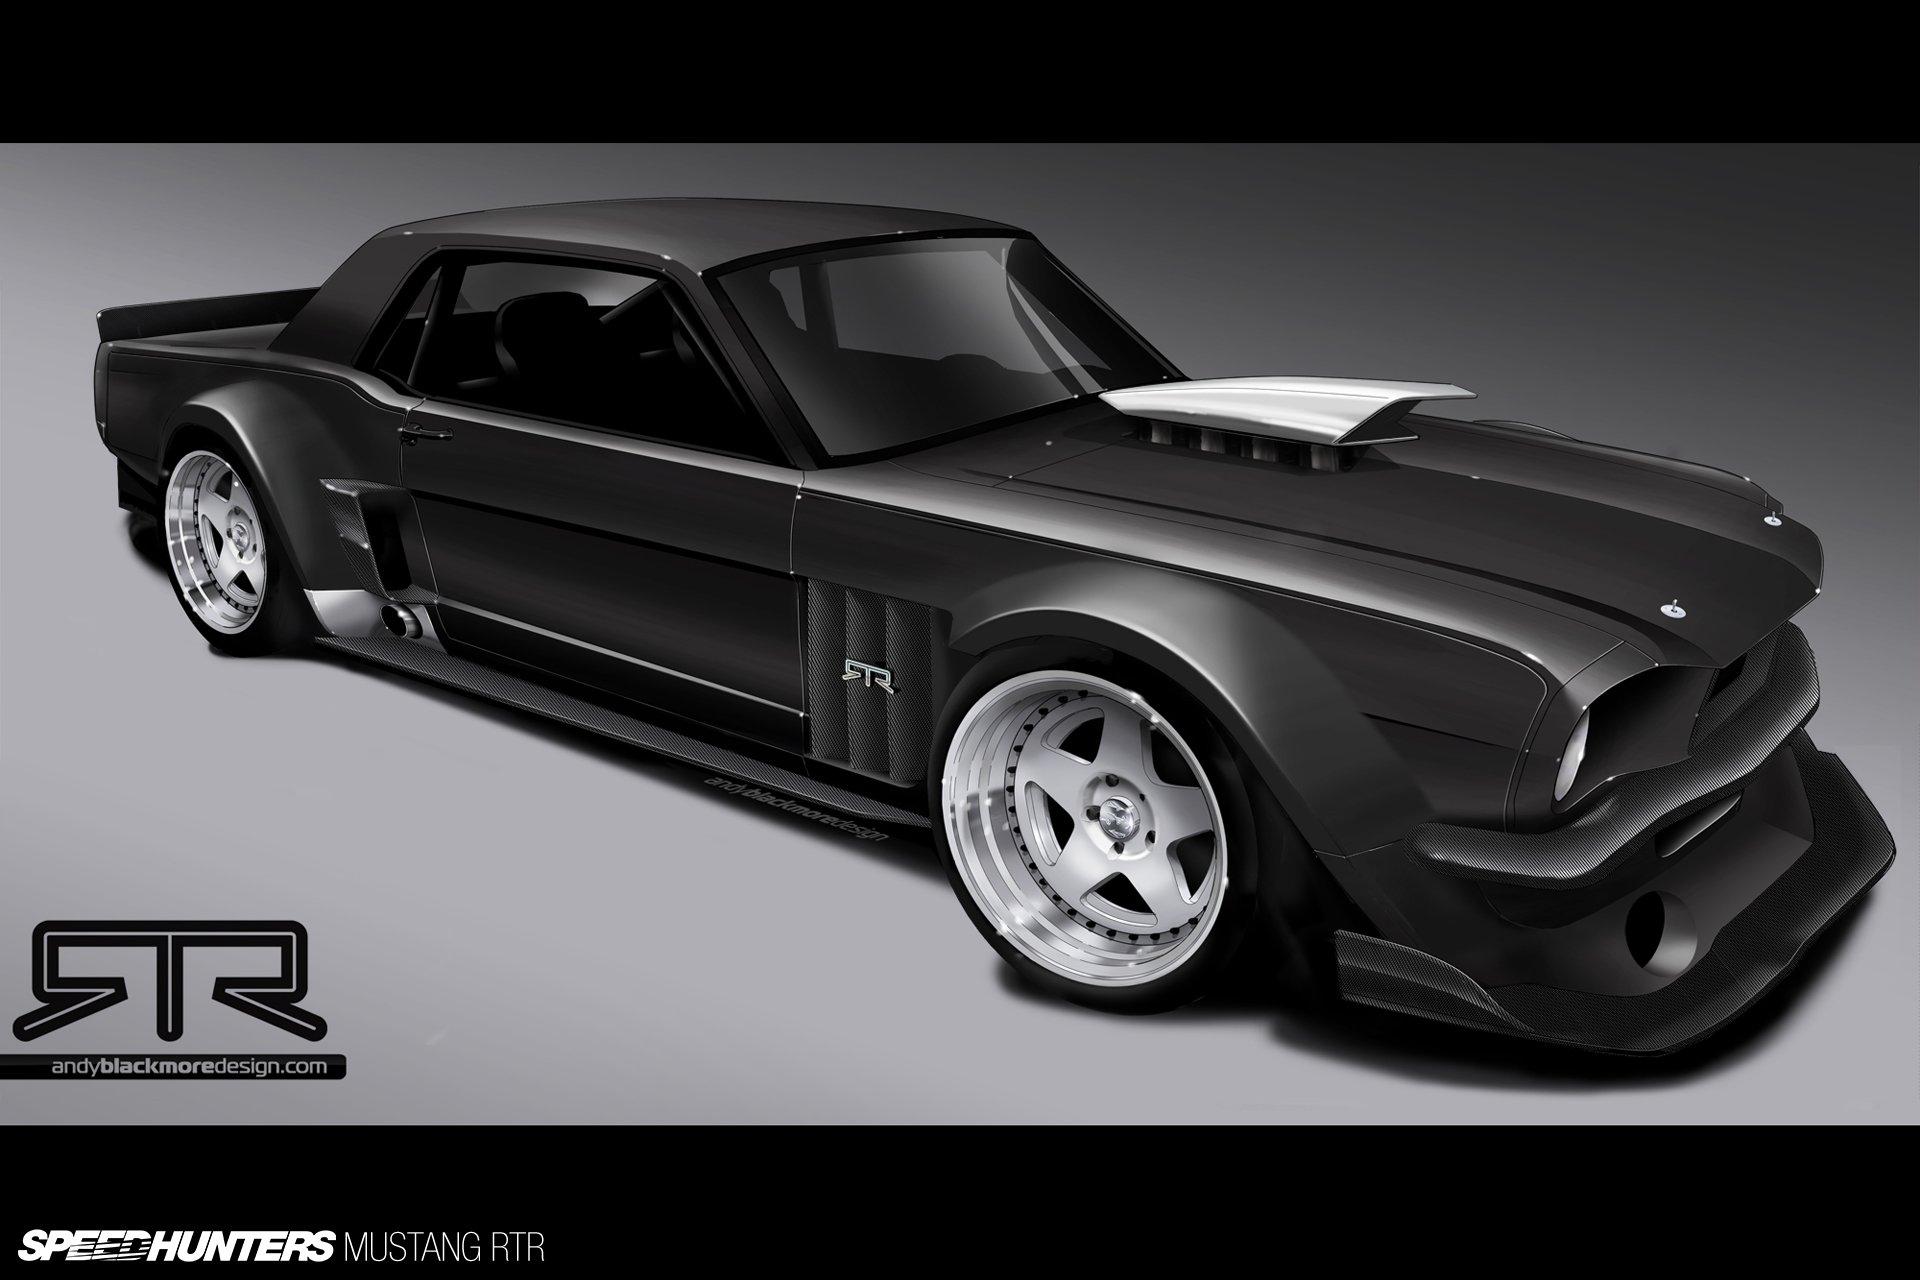 Mustang drift race racing hot rod rods monster wallpaper background 1920x1280